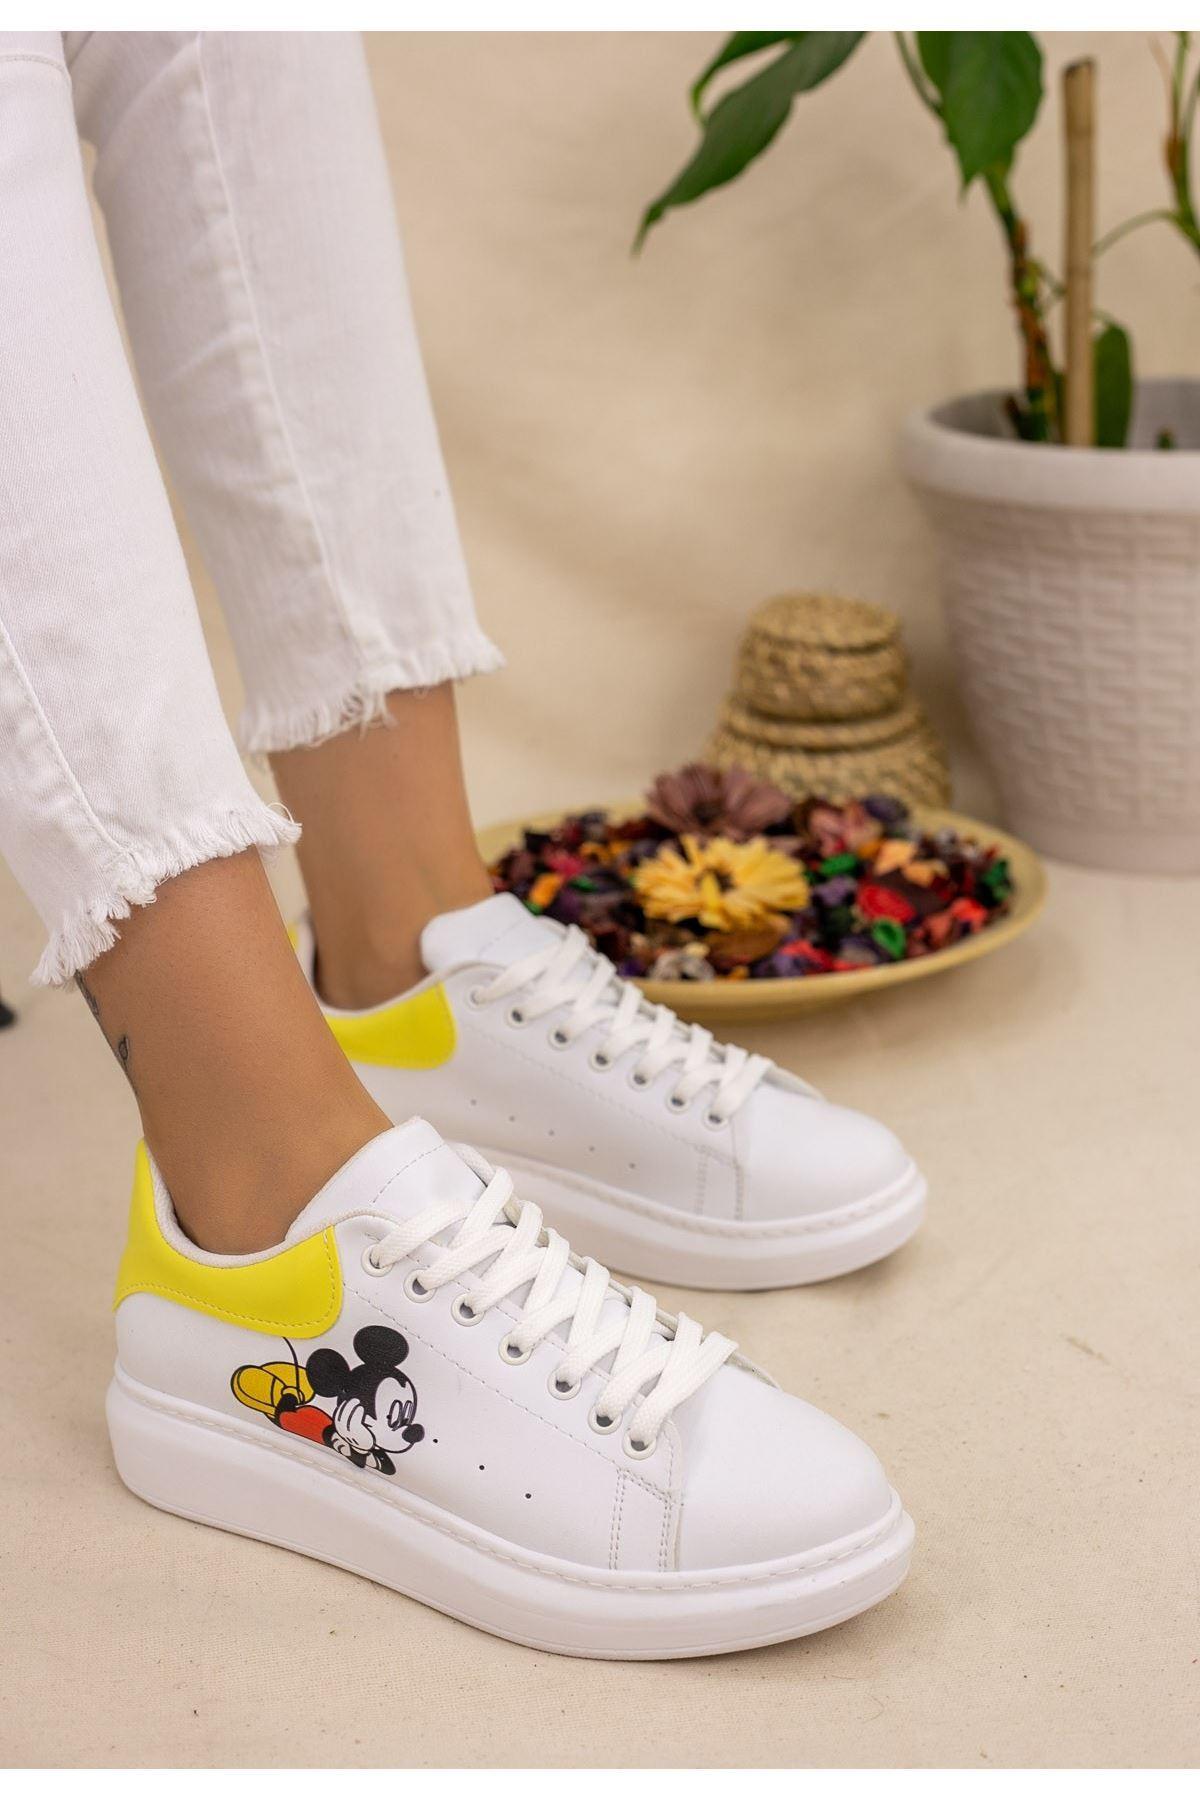 Neomixi Beyaz Mickey Mause Sarı Detaylı Spor Ayakkabı